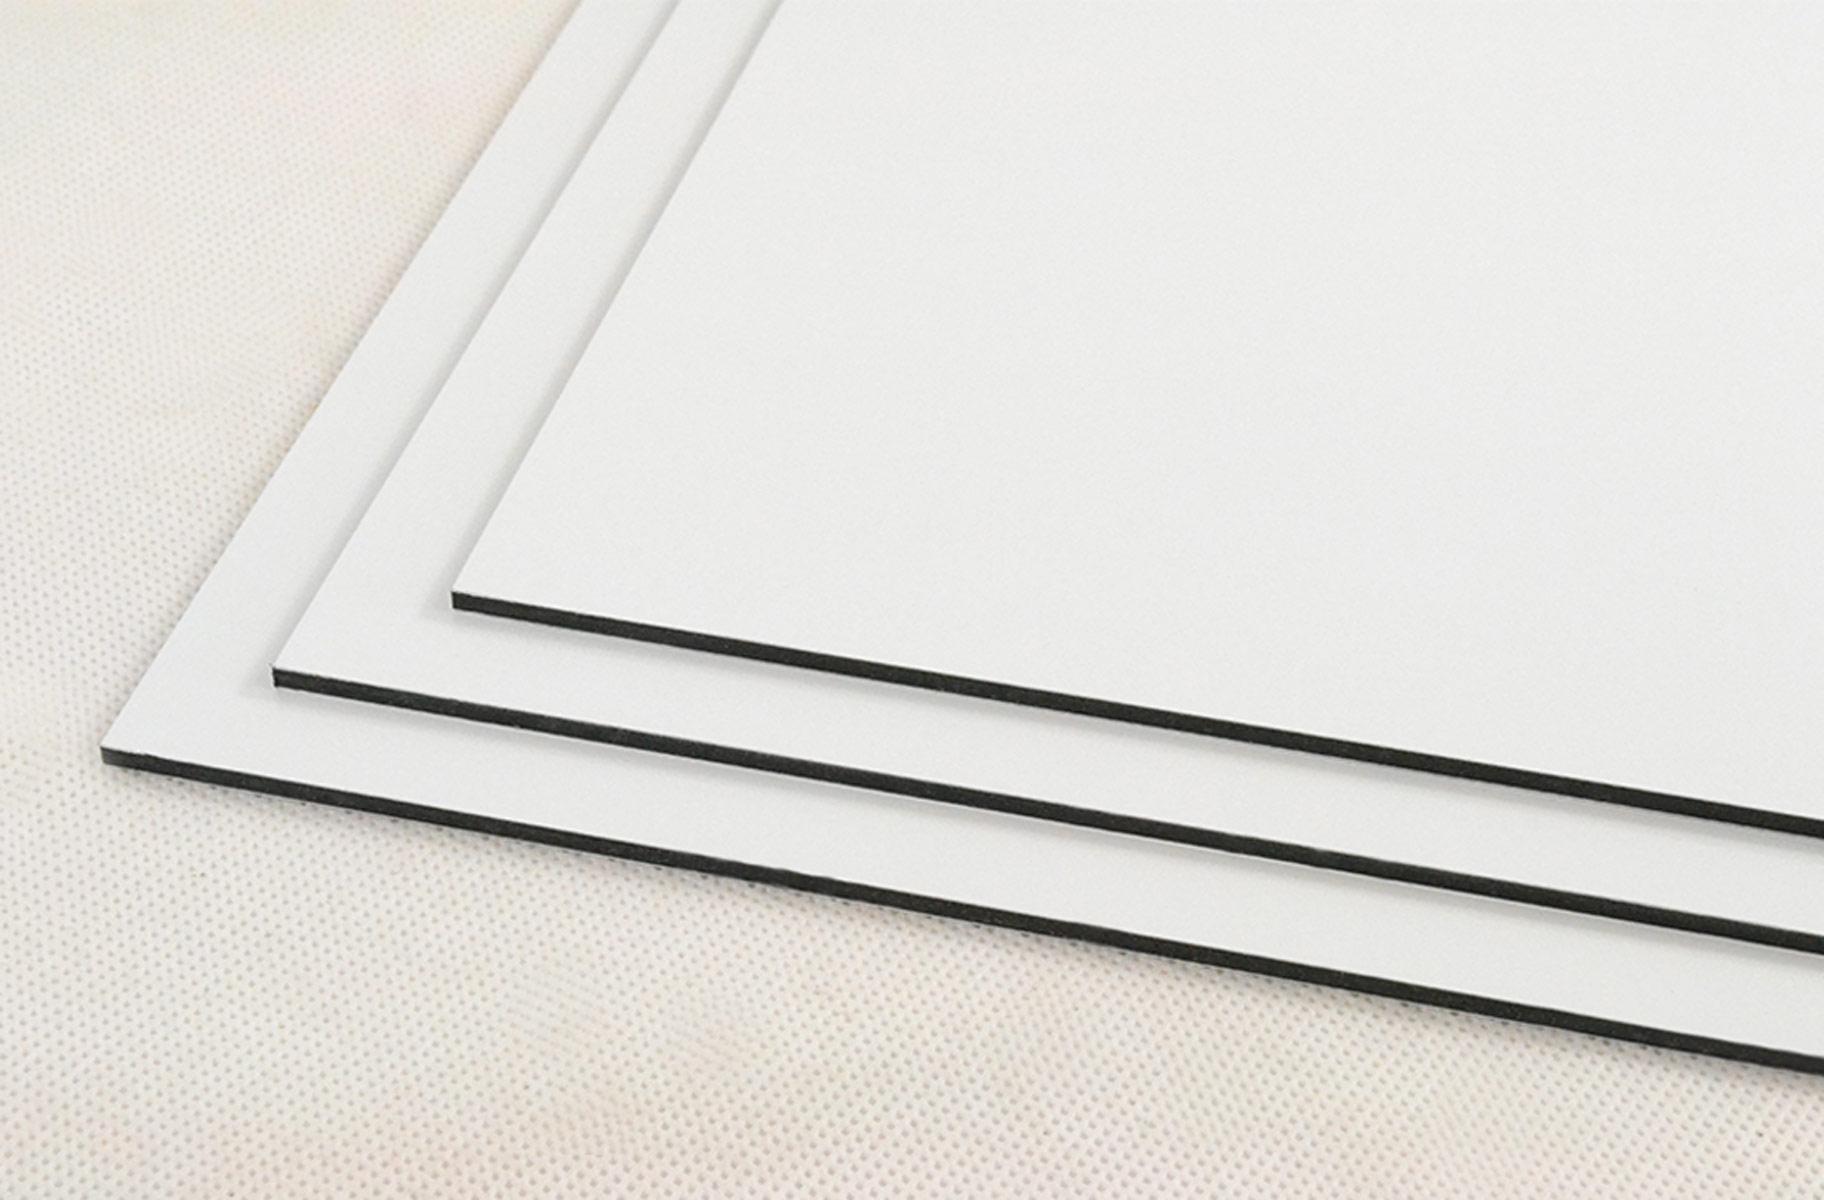 dibond white halo signs. Black Bedroom Furniture Sets. Home Design Ideas